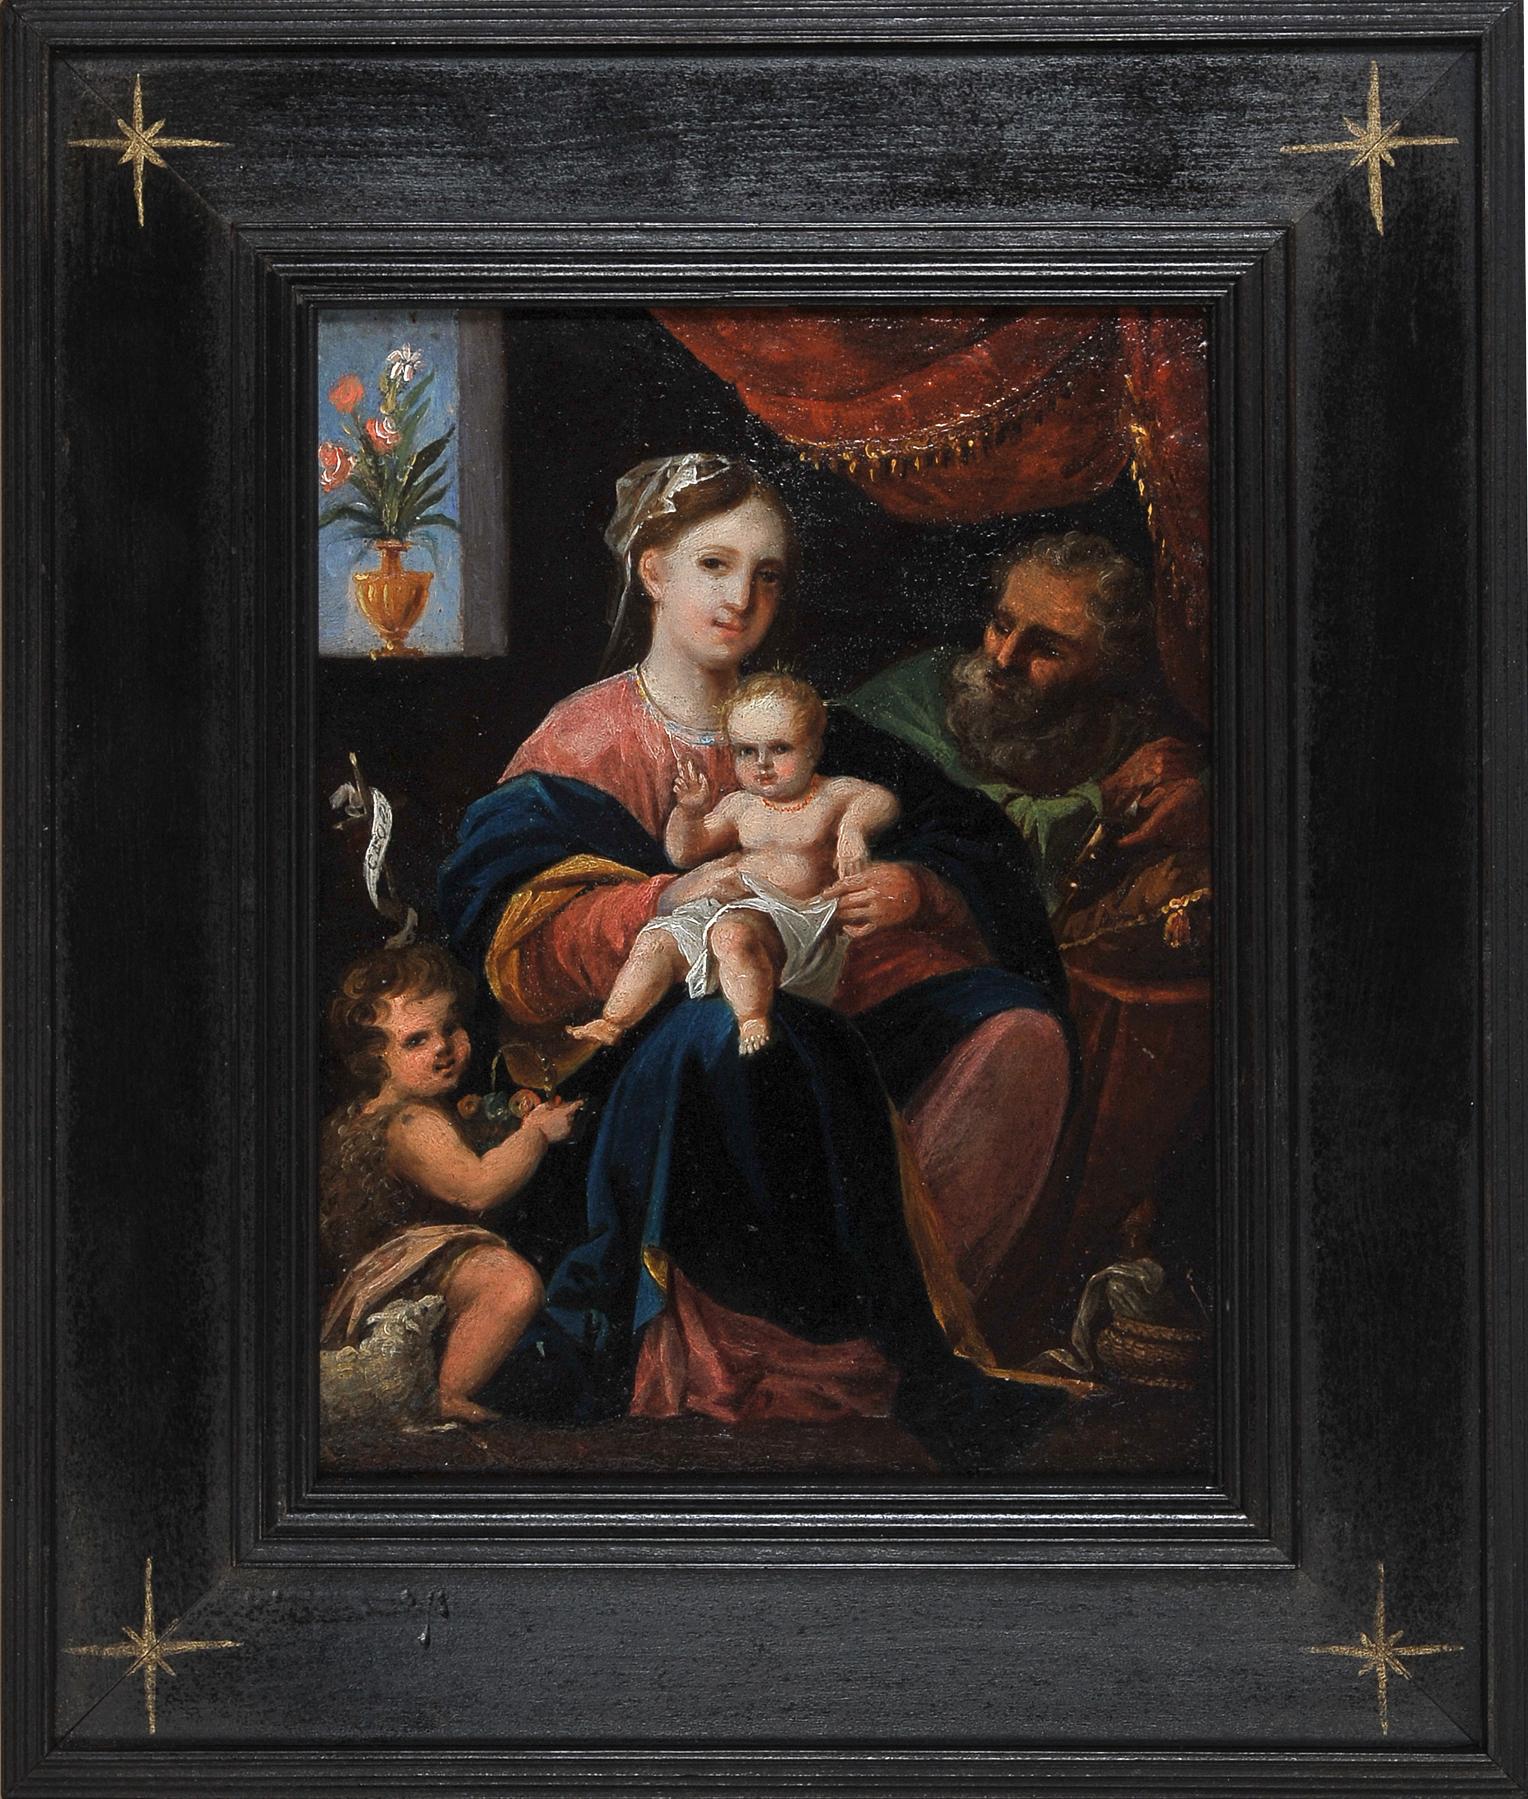 Heilige Familie, Gemälde, 17./18. Jhdt. - Image 2 of 3